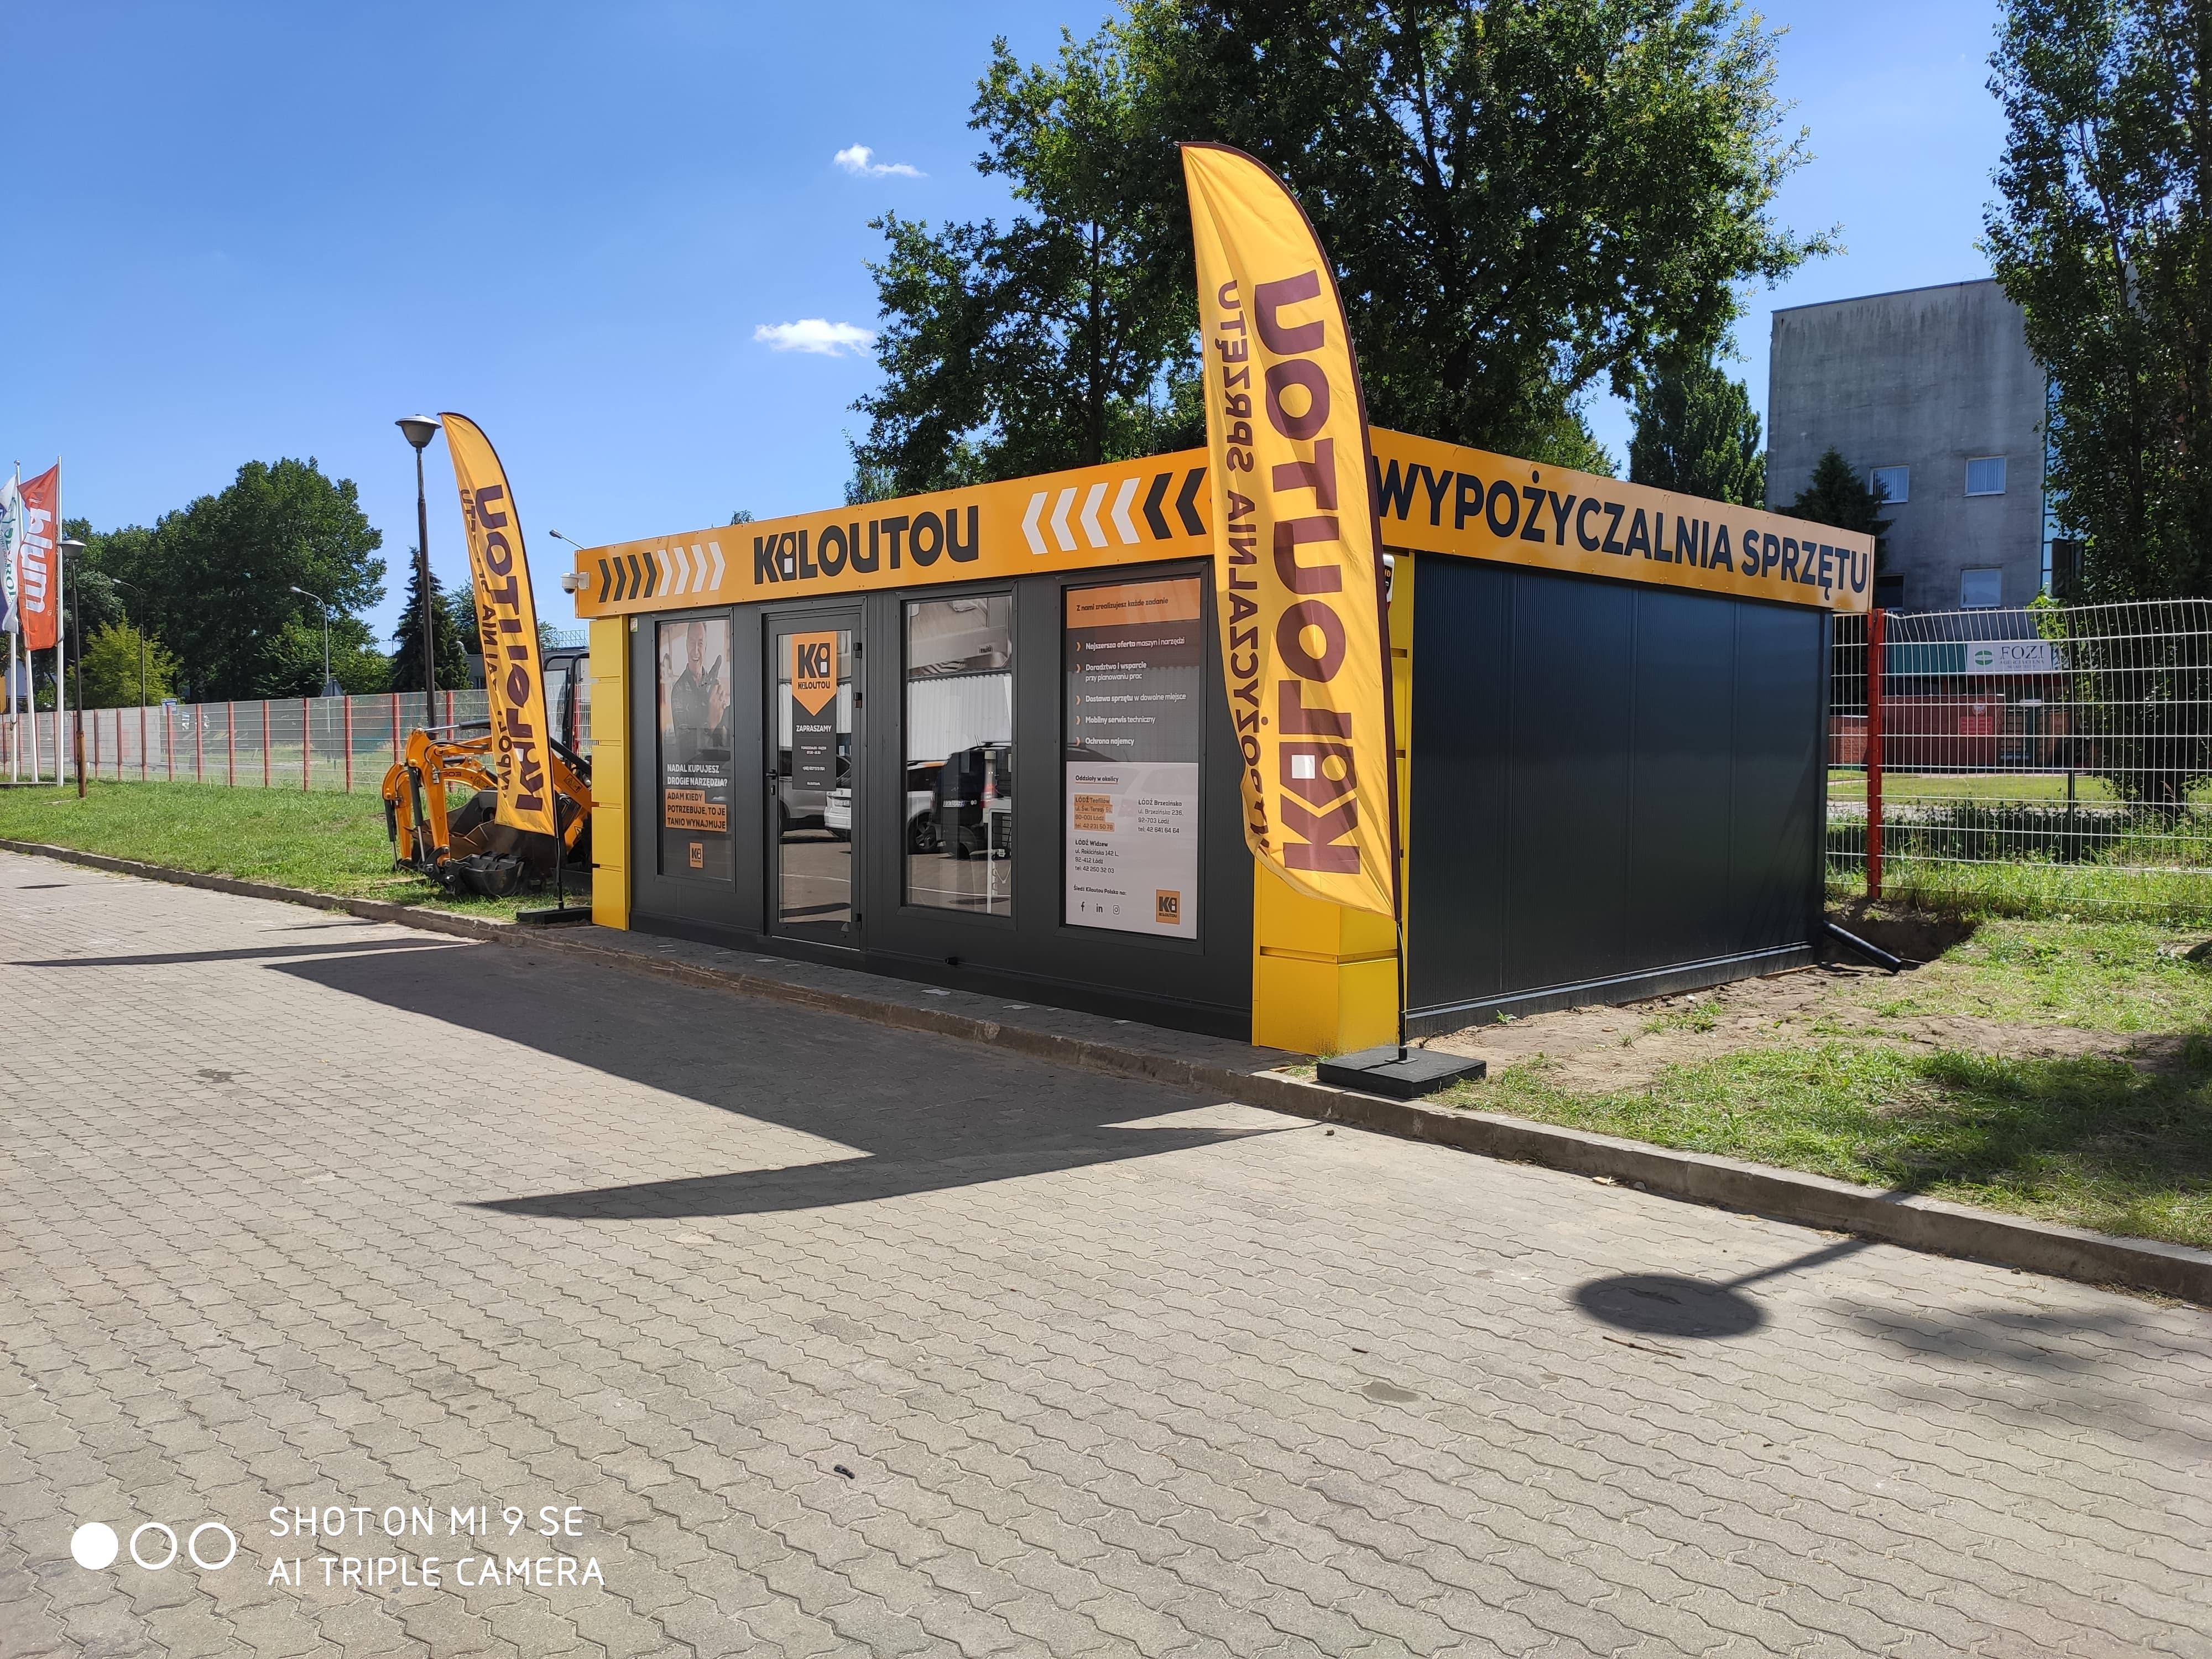 KILOUTOU - Wypożyczalnia sprzętu